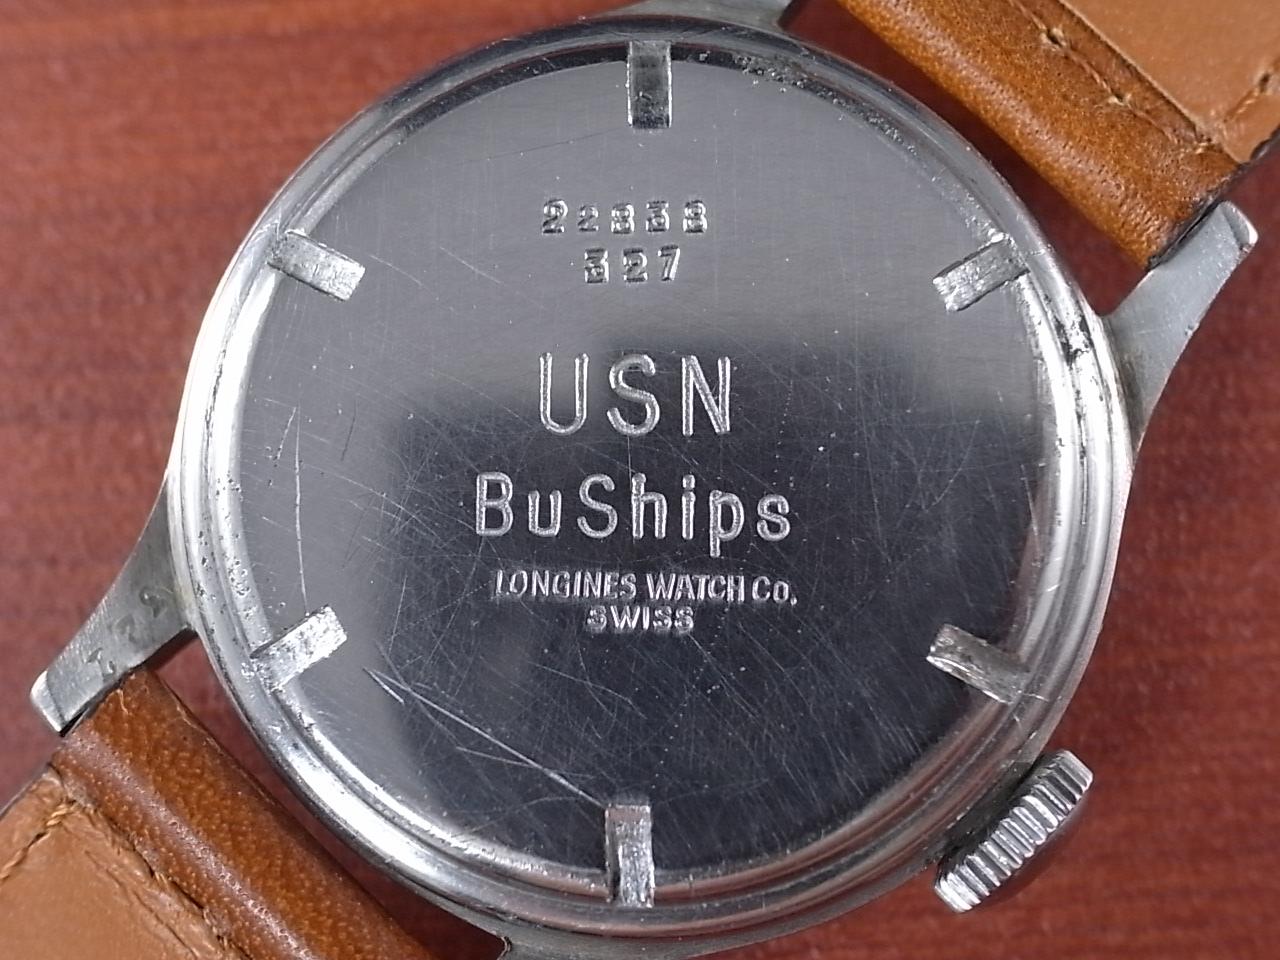 ロンジン 軍用時計 米海軍 USN BuShips 1940年代の写真4枚目